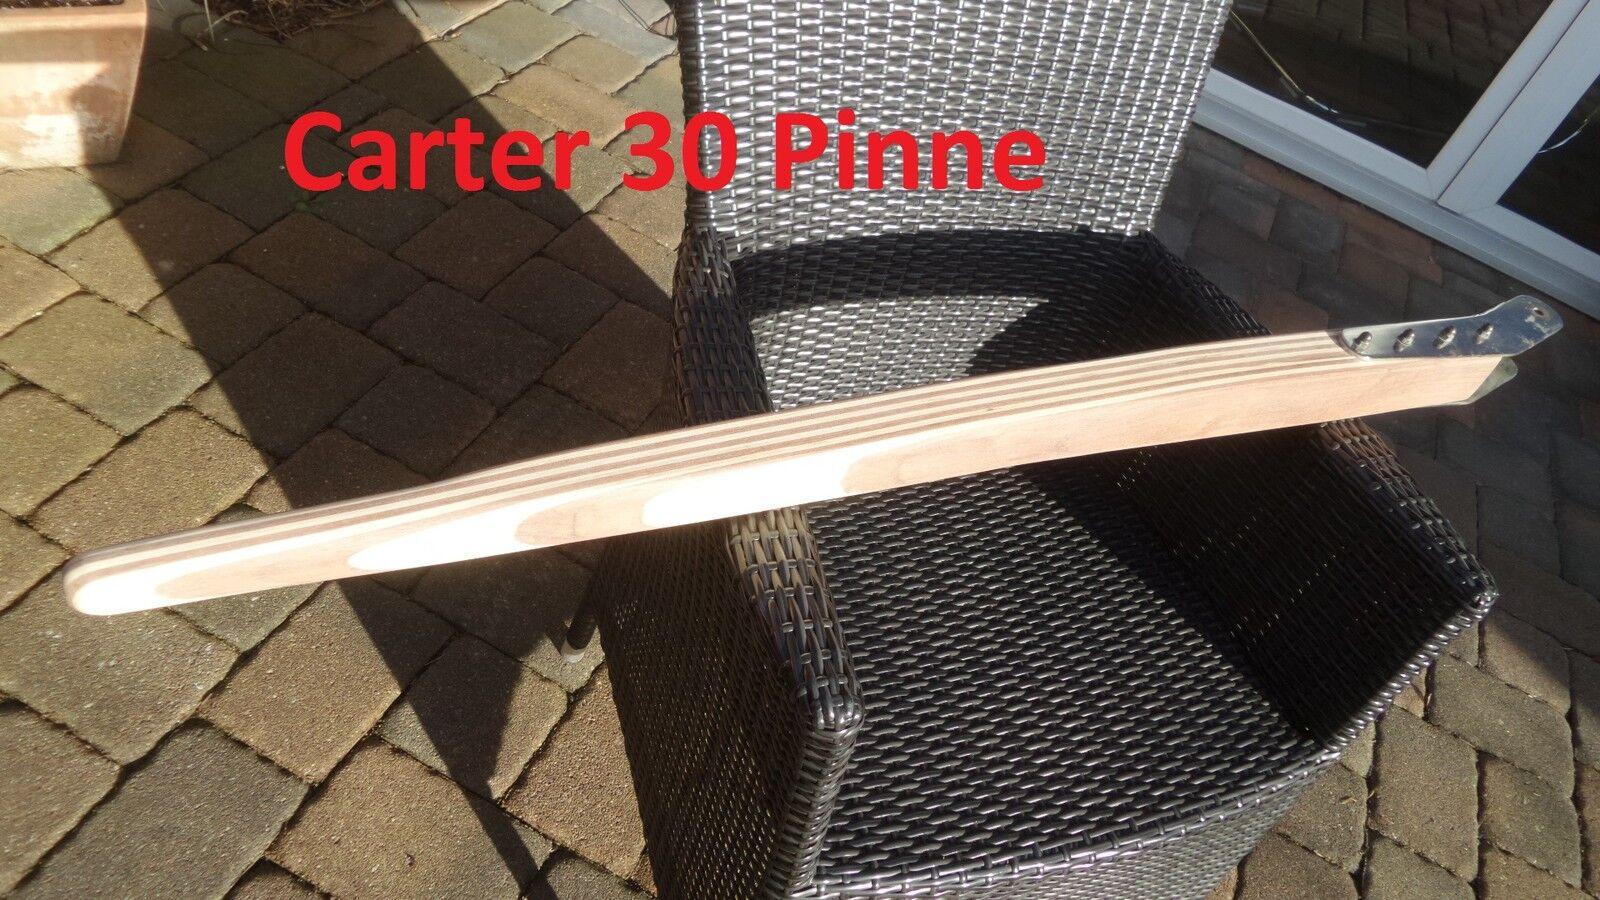 SegelStiefel-Pinne,  lamelliert aus Mahagoni und Esche für für für eine Carter 30 5c1e2d